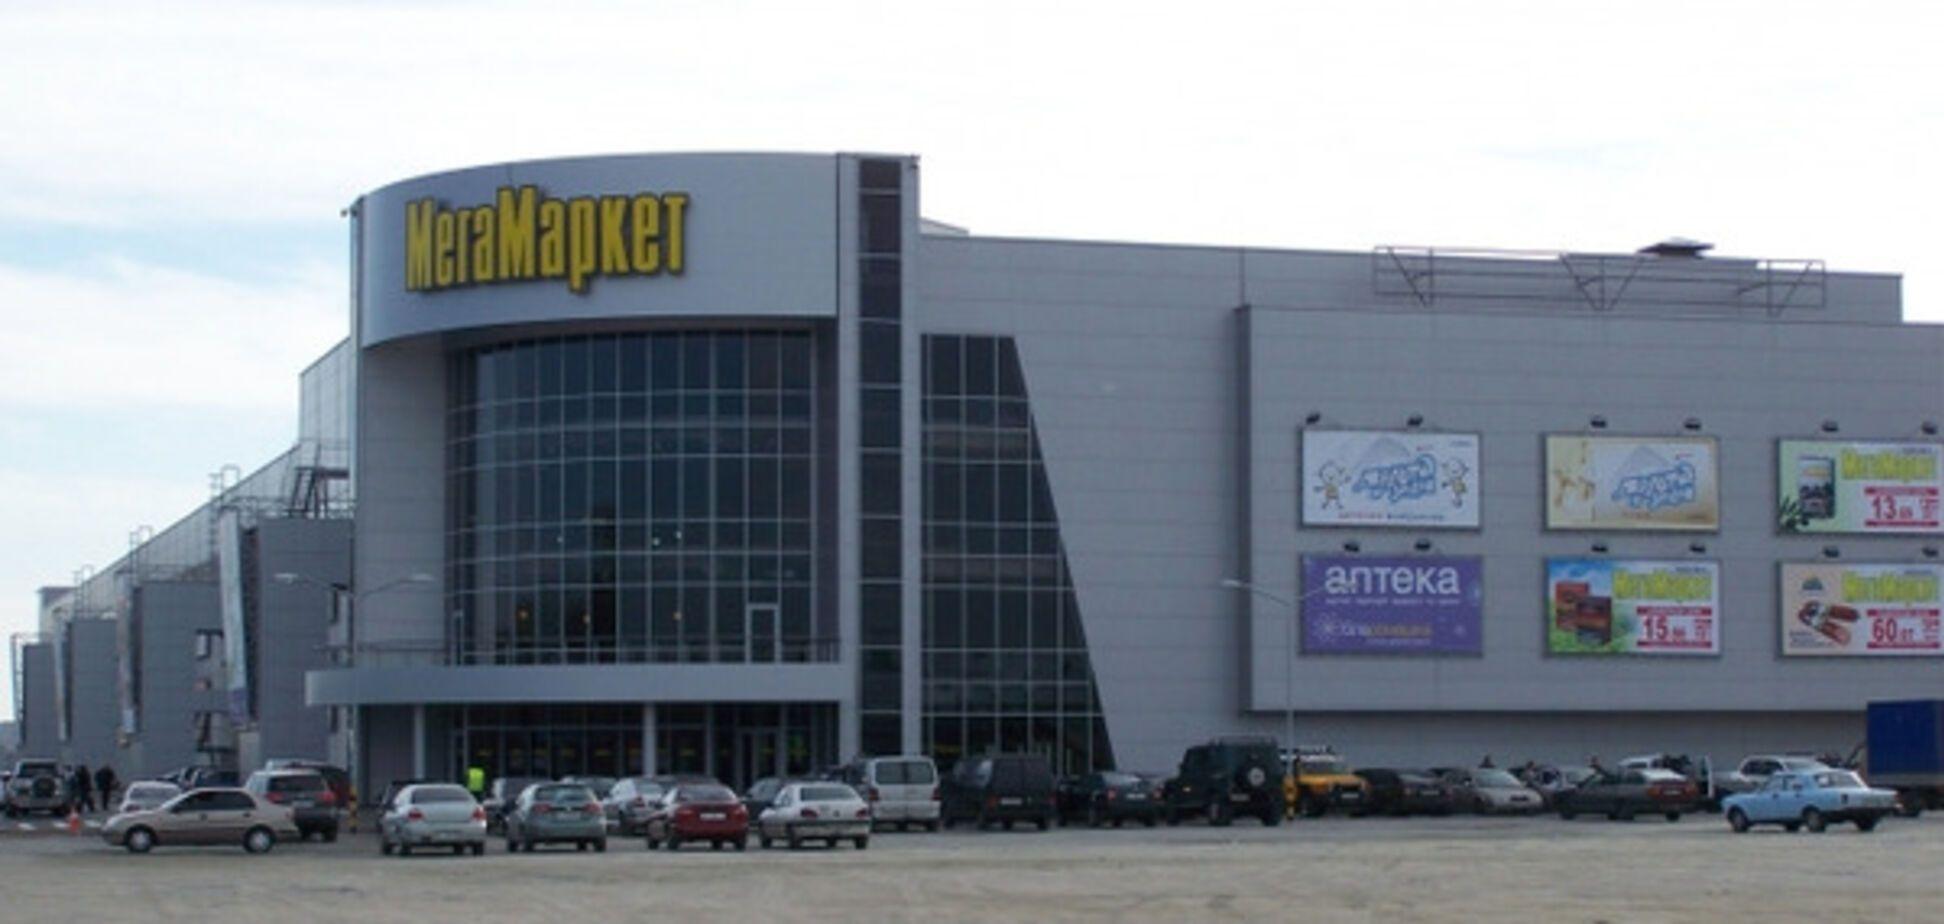 Инцидент в Мегамаркете